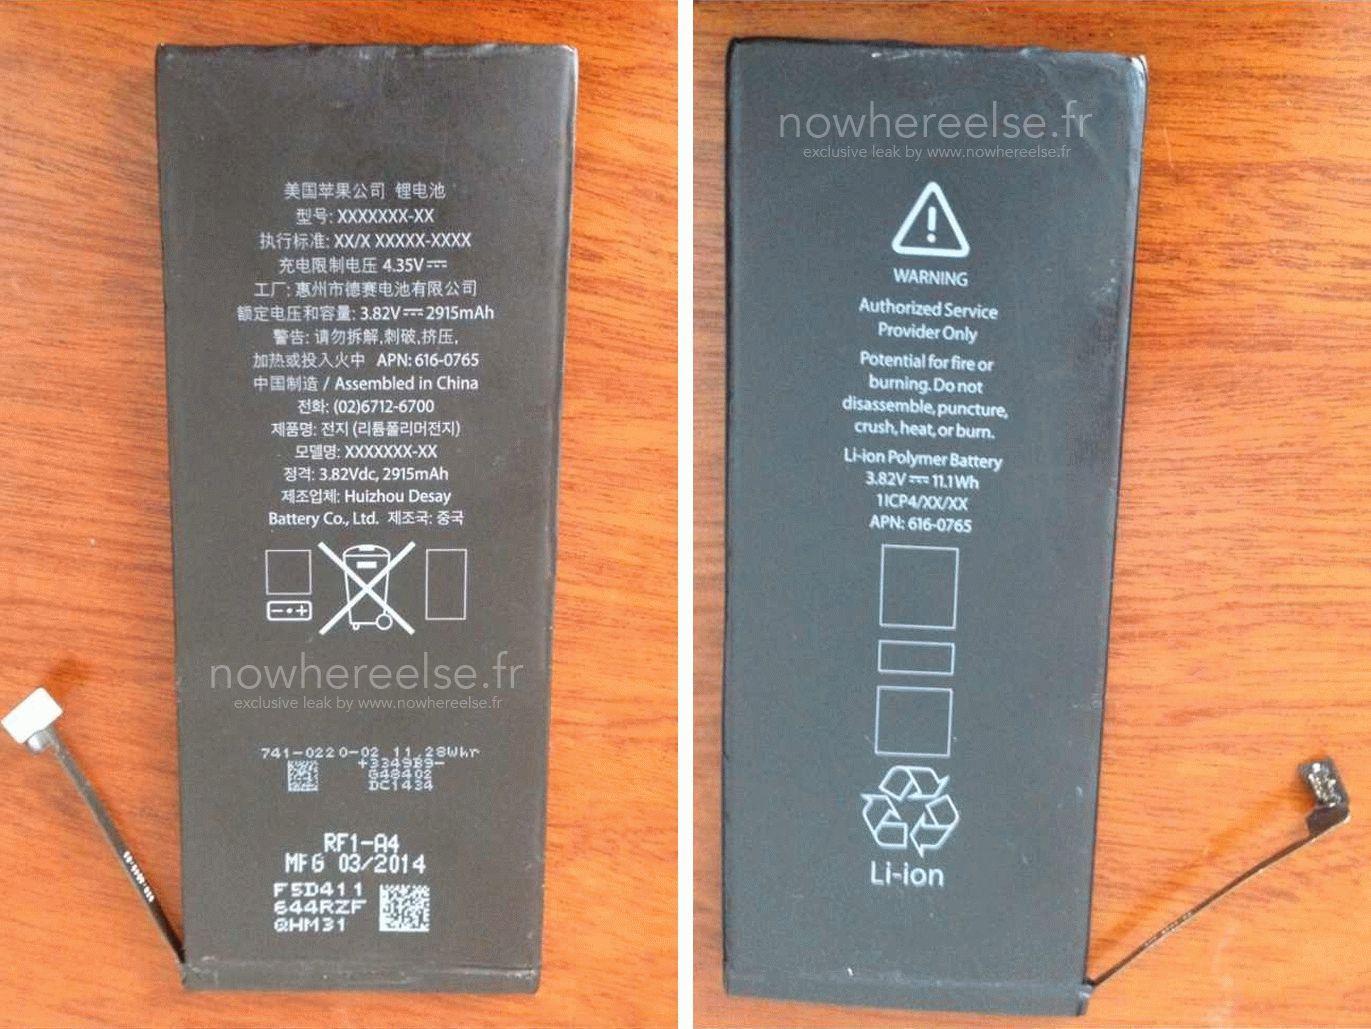 термобелье емкость батареи айфона 6с двухслойное термобелье